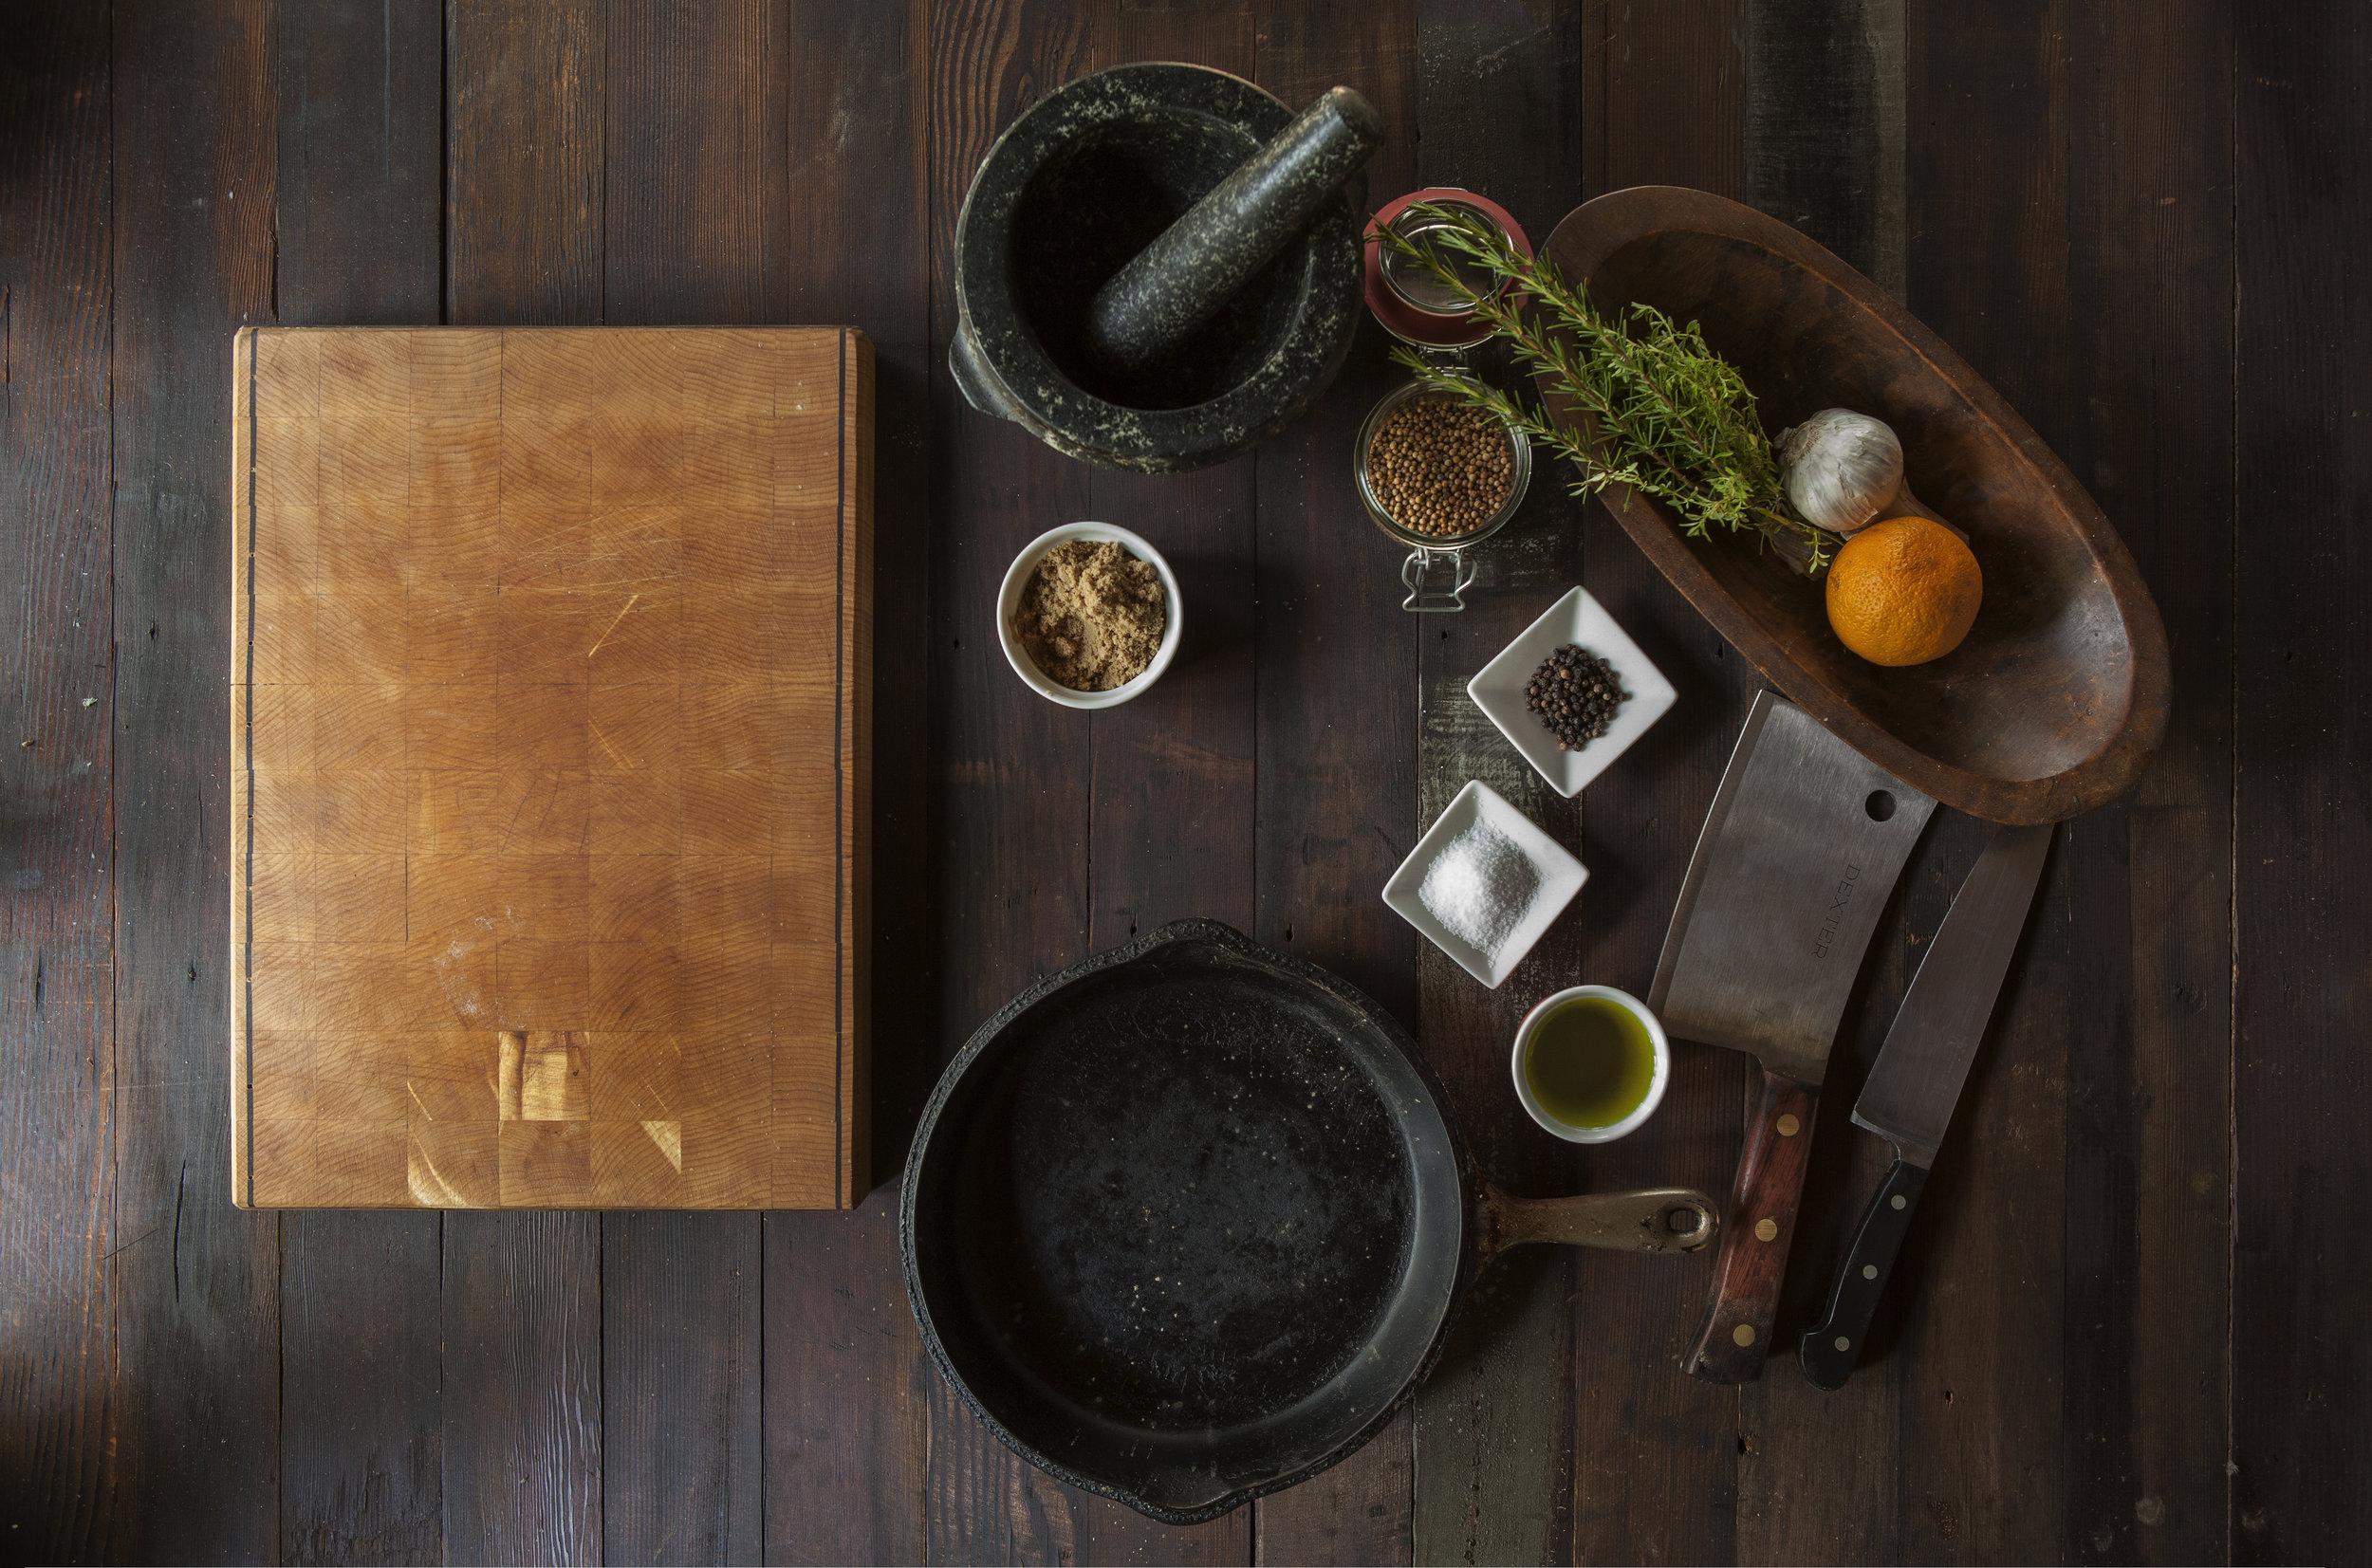 spice and tea merchants favorites - recipes